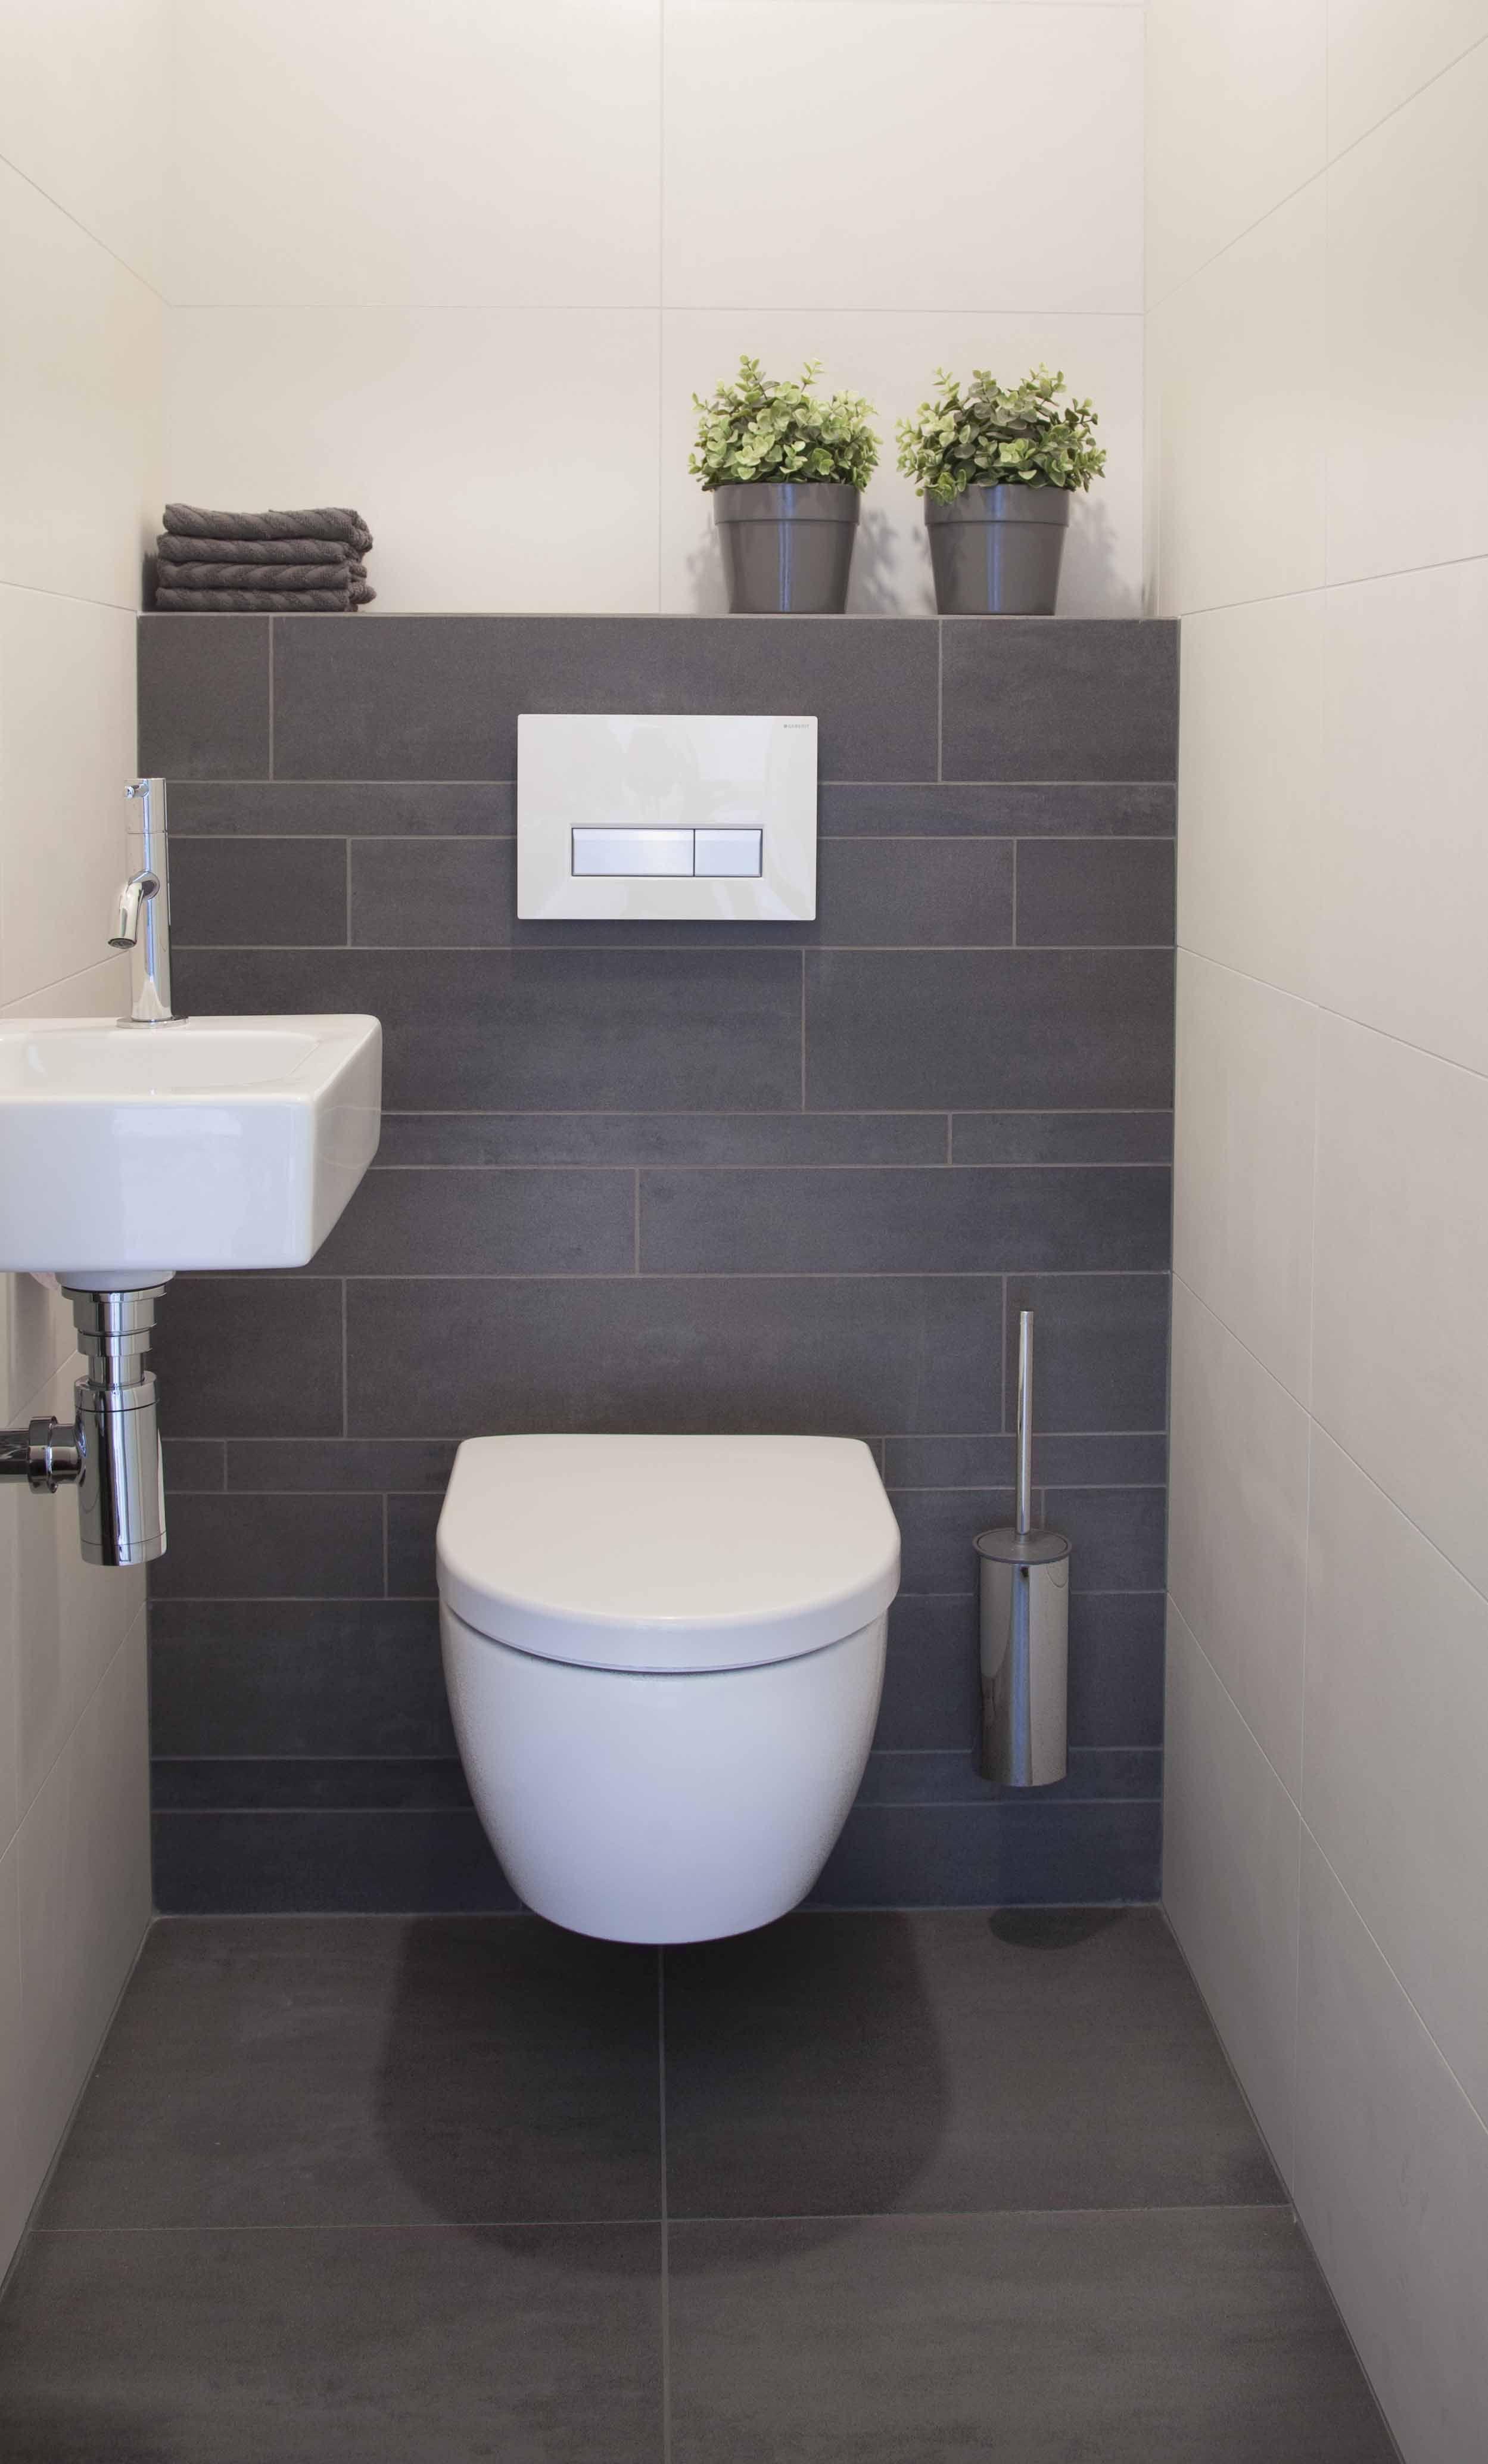 Pin Van Alix Mortier Op Idee Toilettes In 2020 Modern Toilet Toilet Ontwerp Badkamerideeen